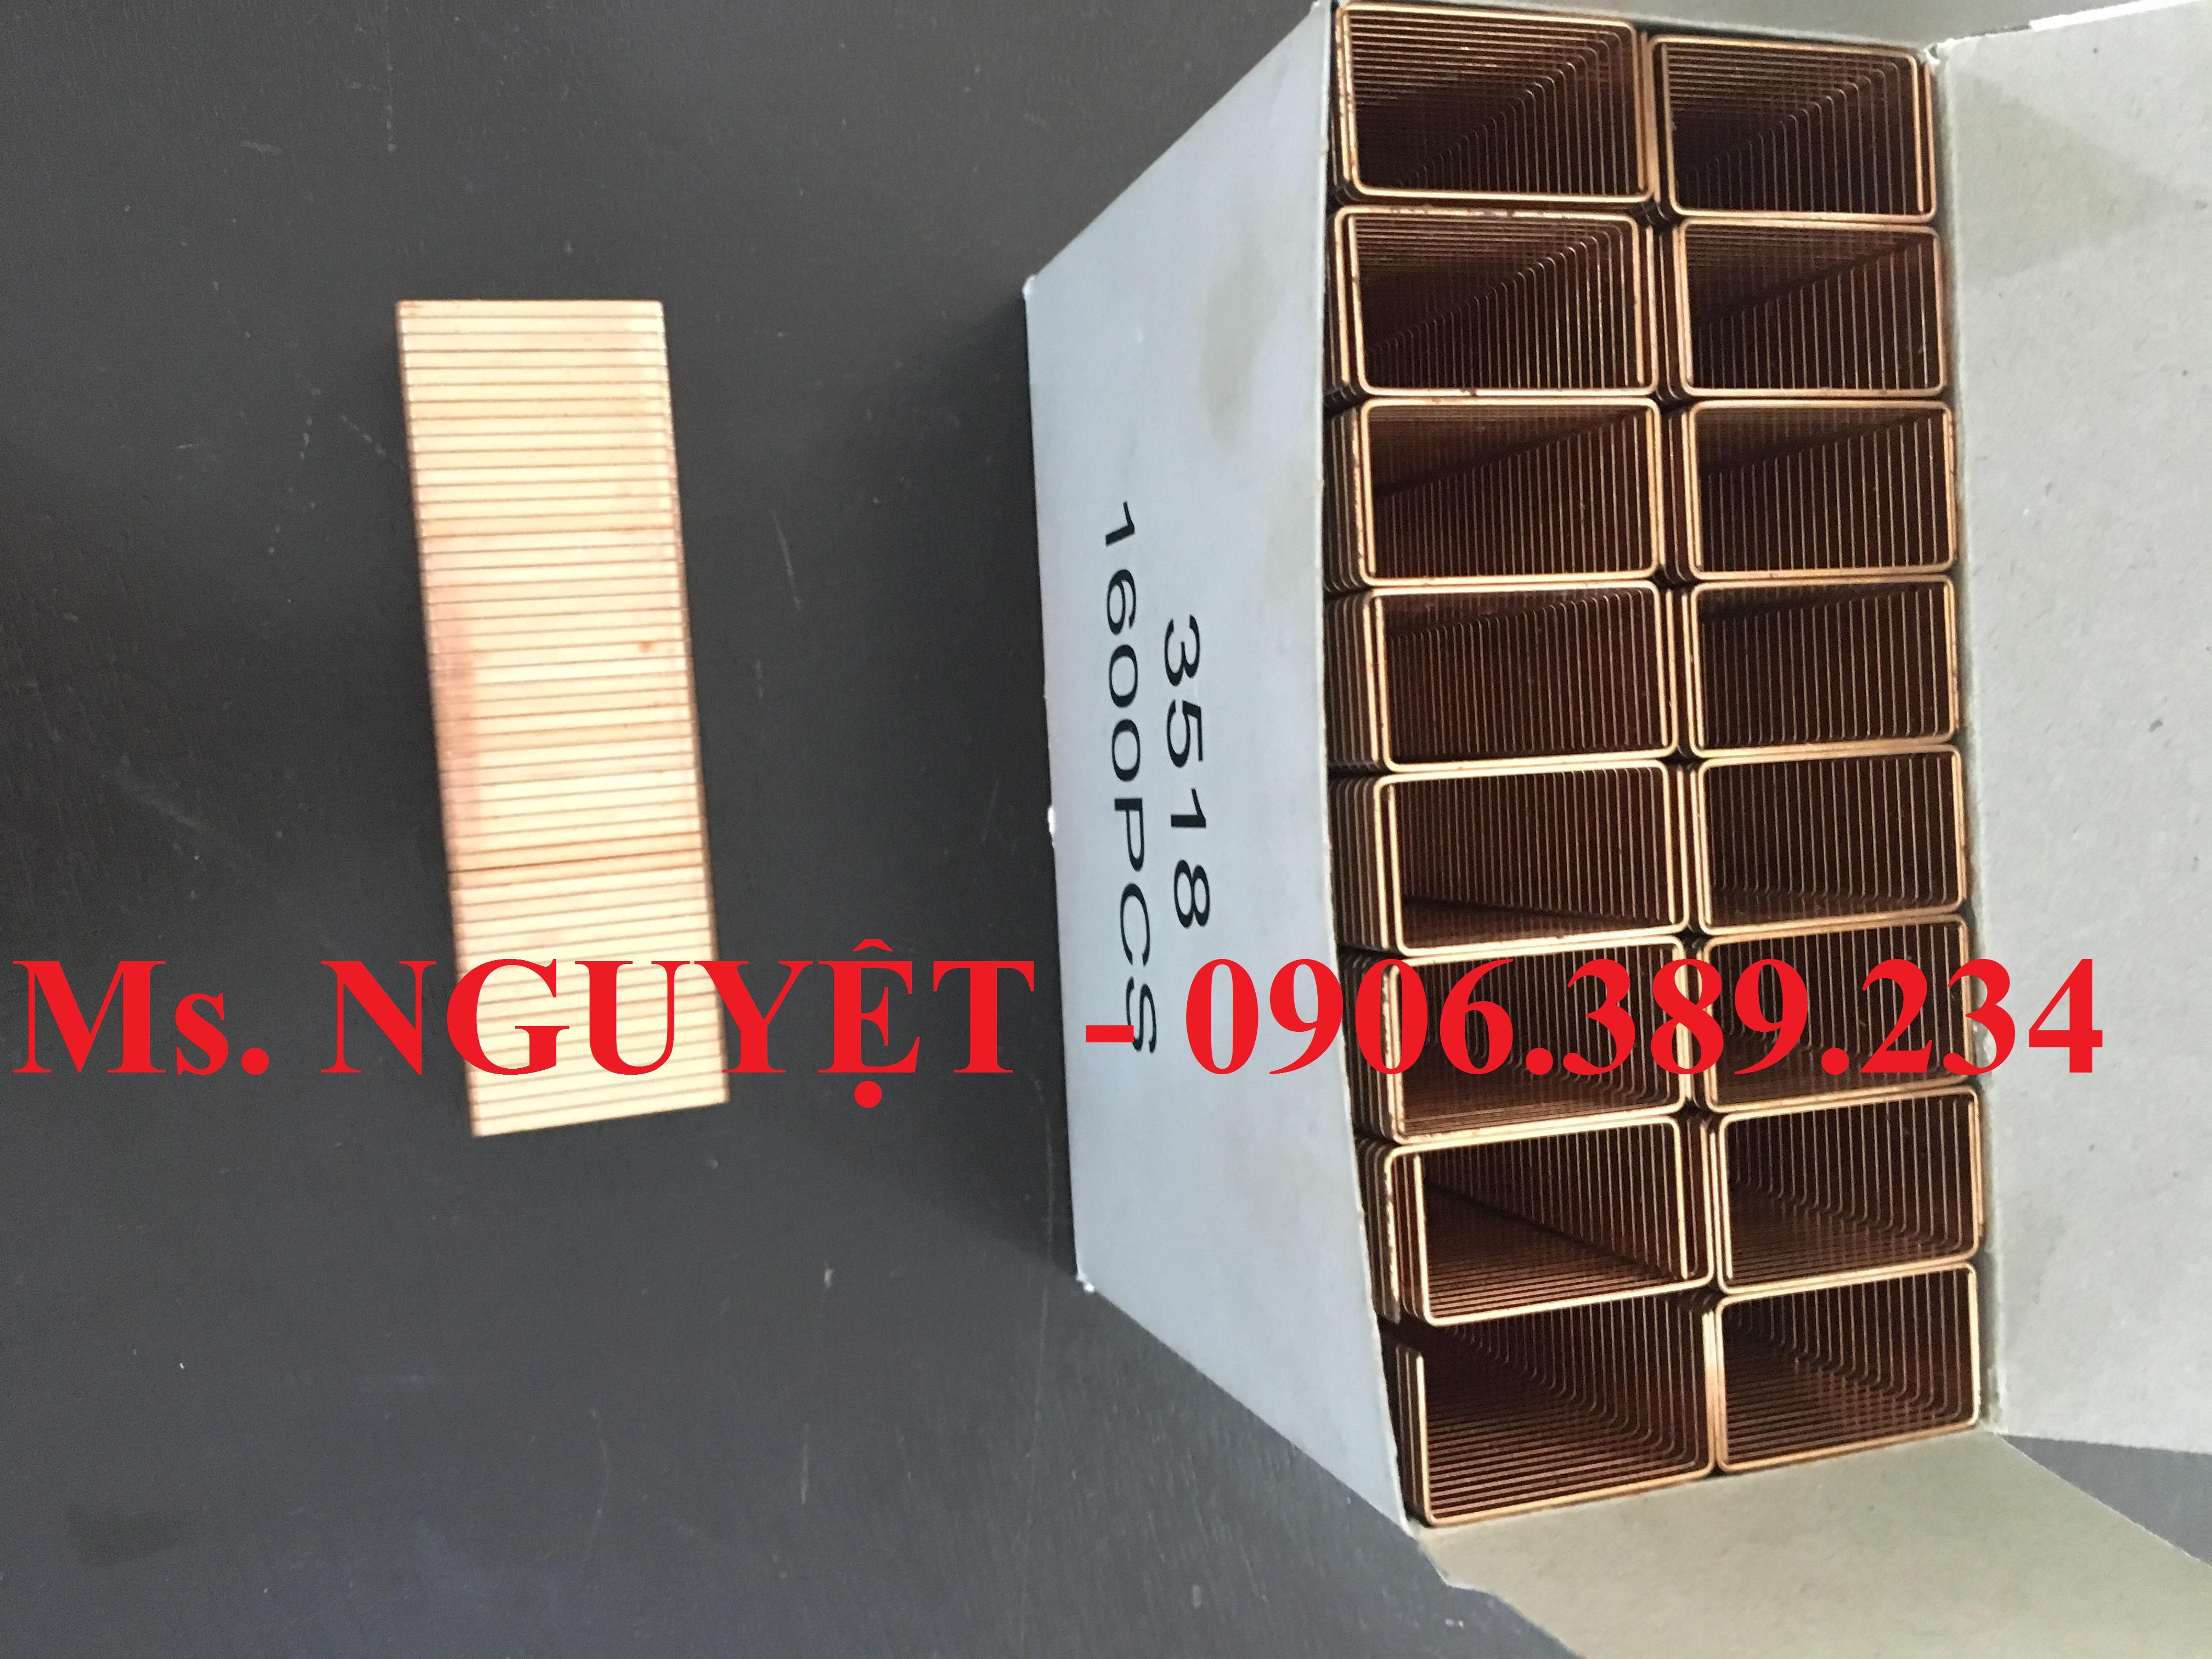 Ghim bấm thùng carton giá rẻ Tiền Giang, Ninh Thuận, Đồng Nai, Bình Dương, Đà Nẵng, Hà Nội, HCM